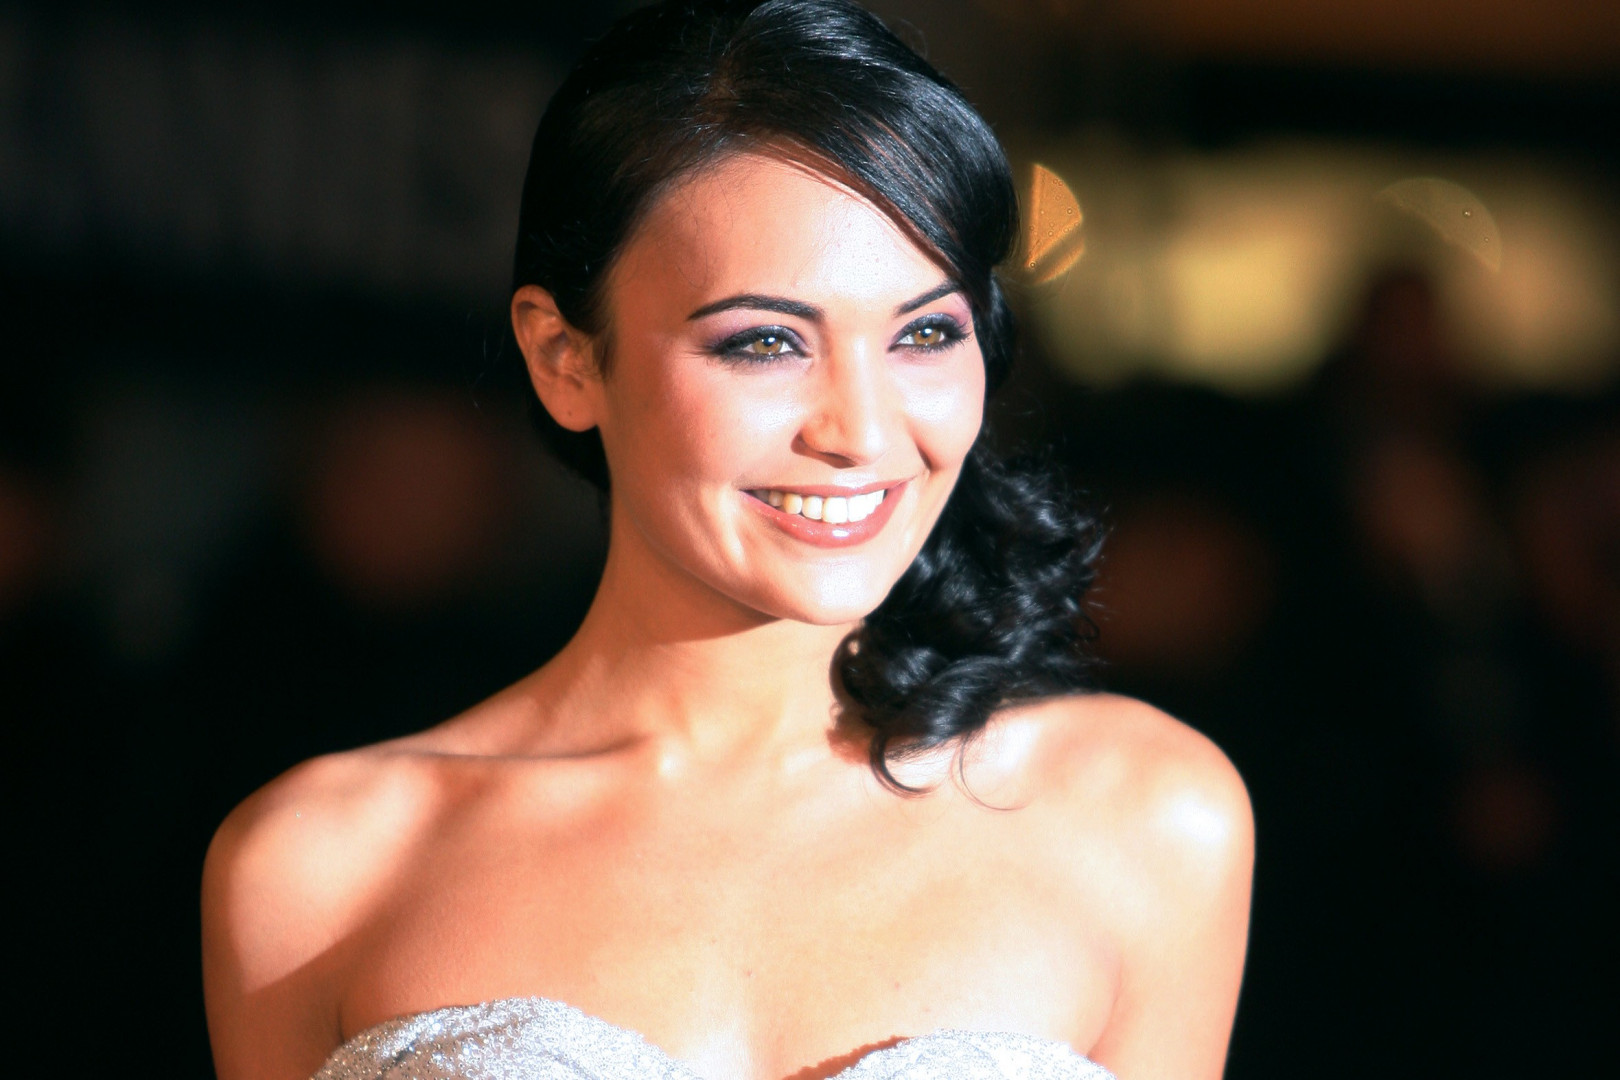 Valérie Bégue a été élue en 2008. Elle a créé la polémique avec la publication de photos osées.